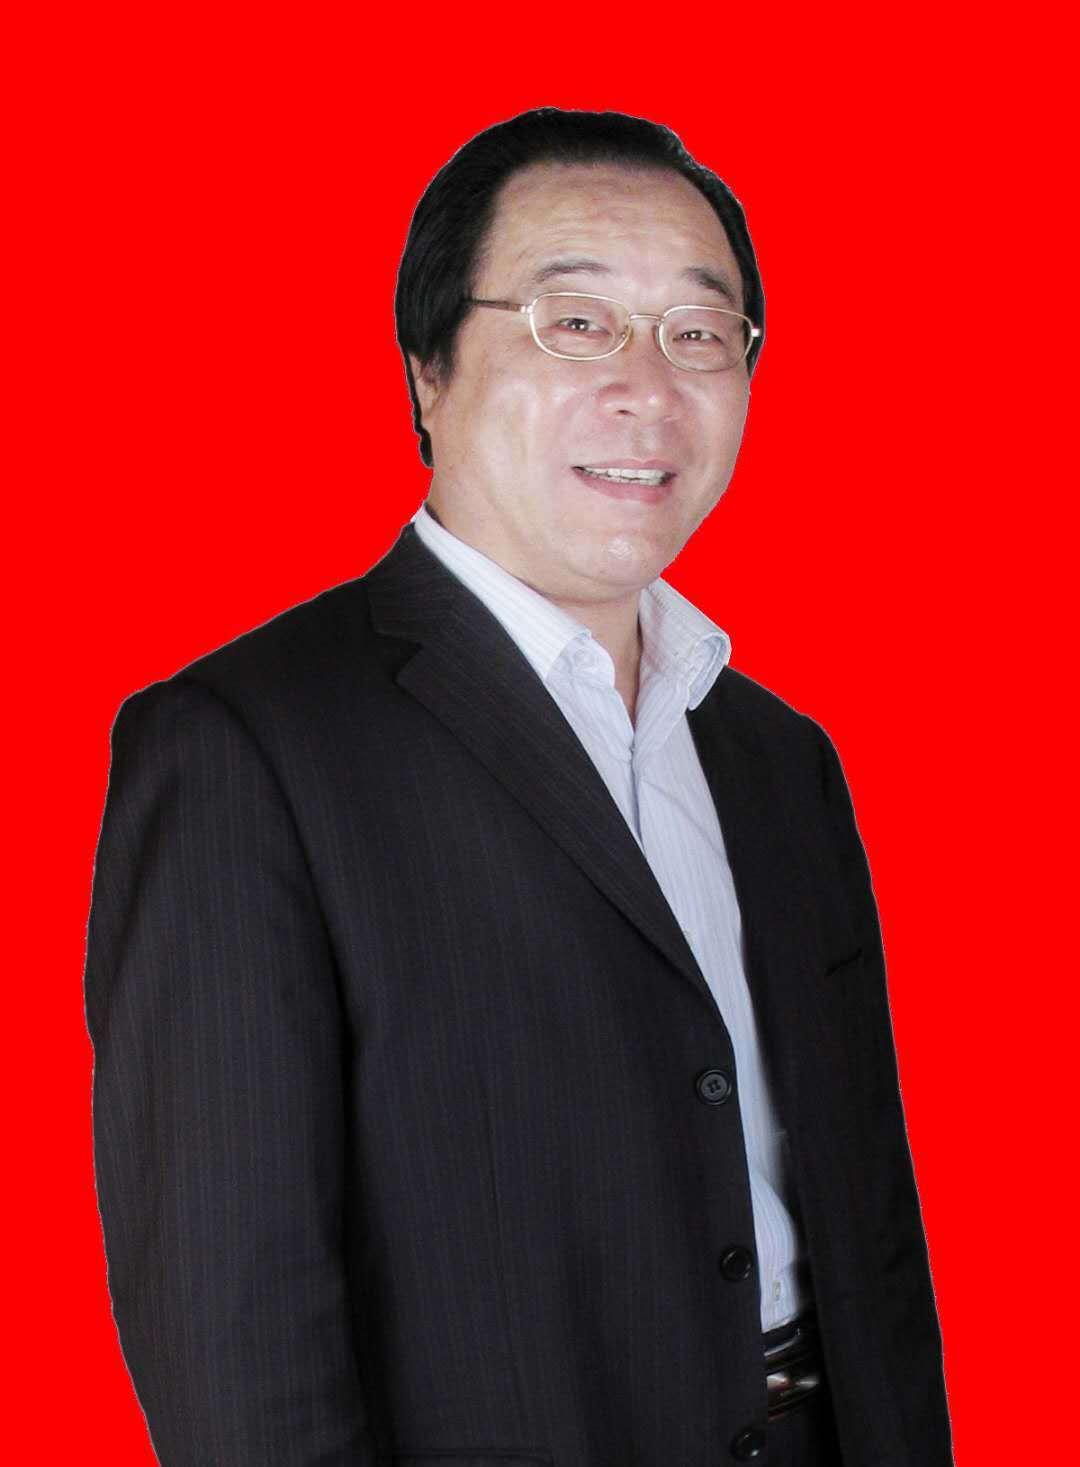 世界文坛人物著名学者艺术大师陈鸣楼